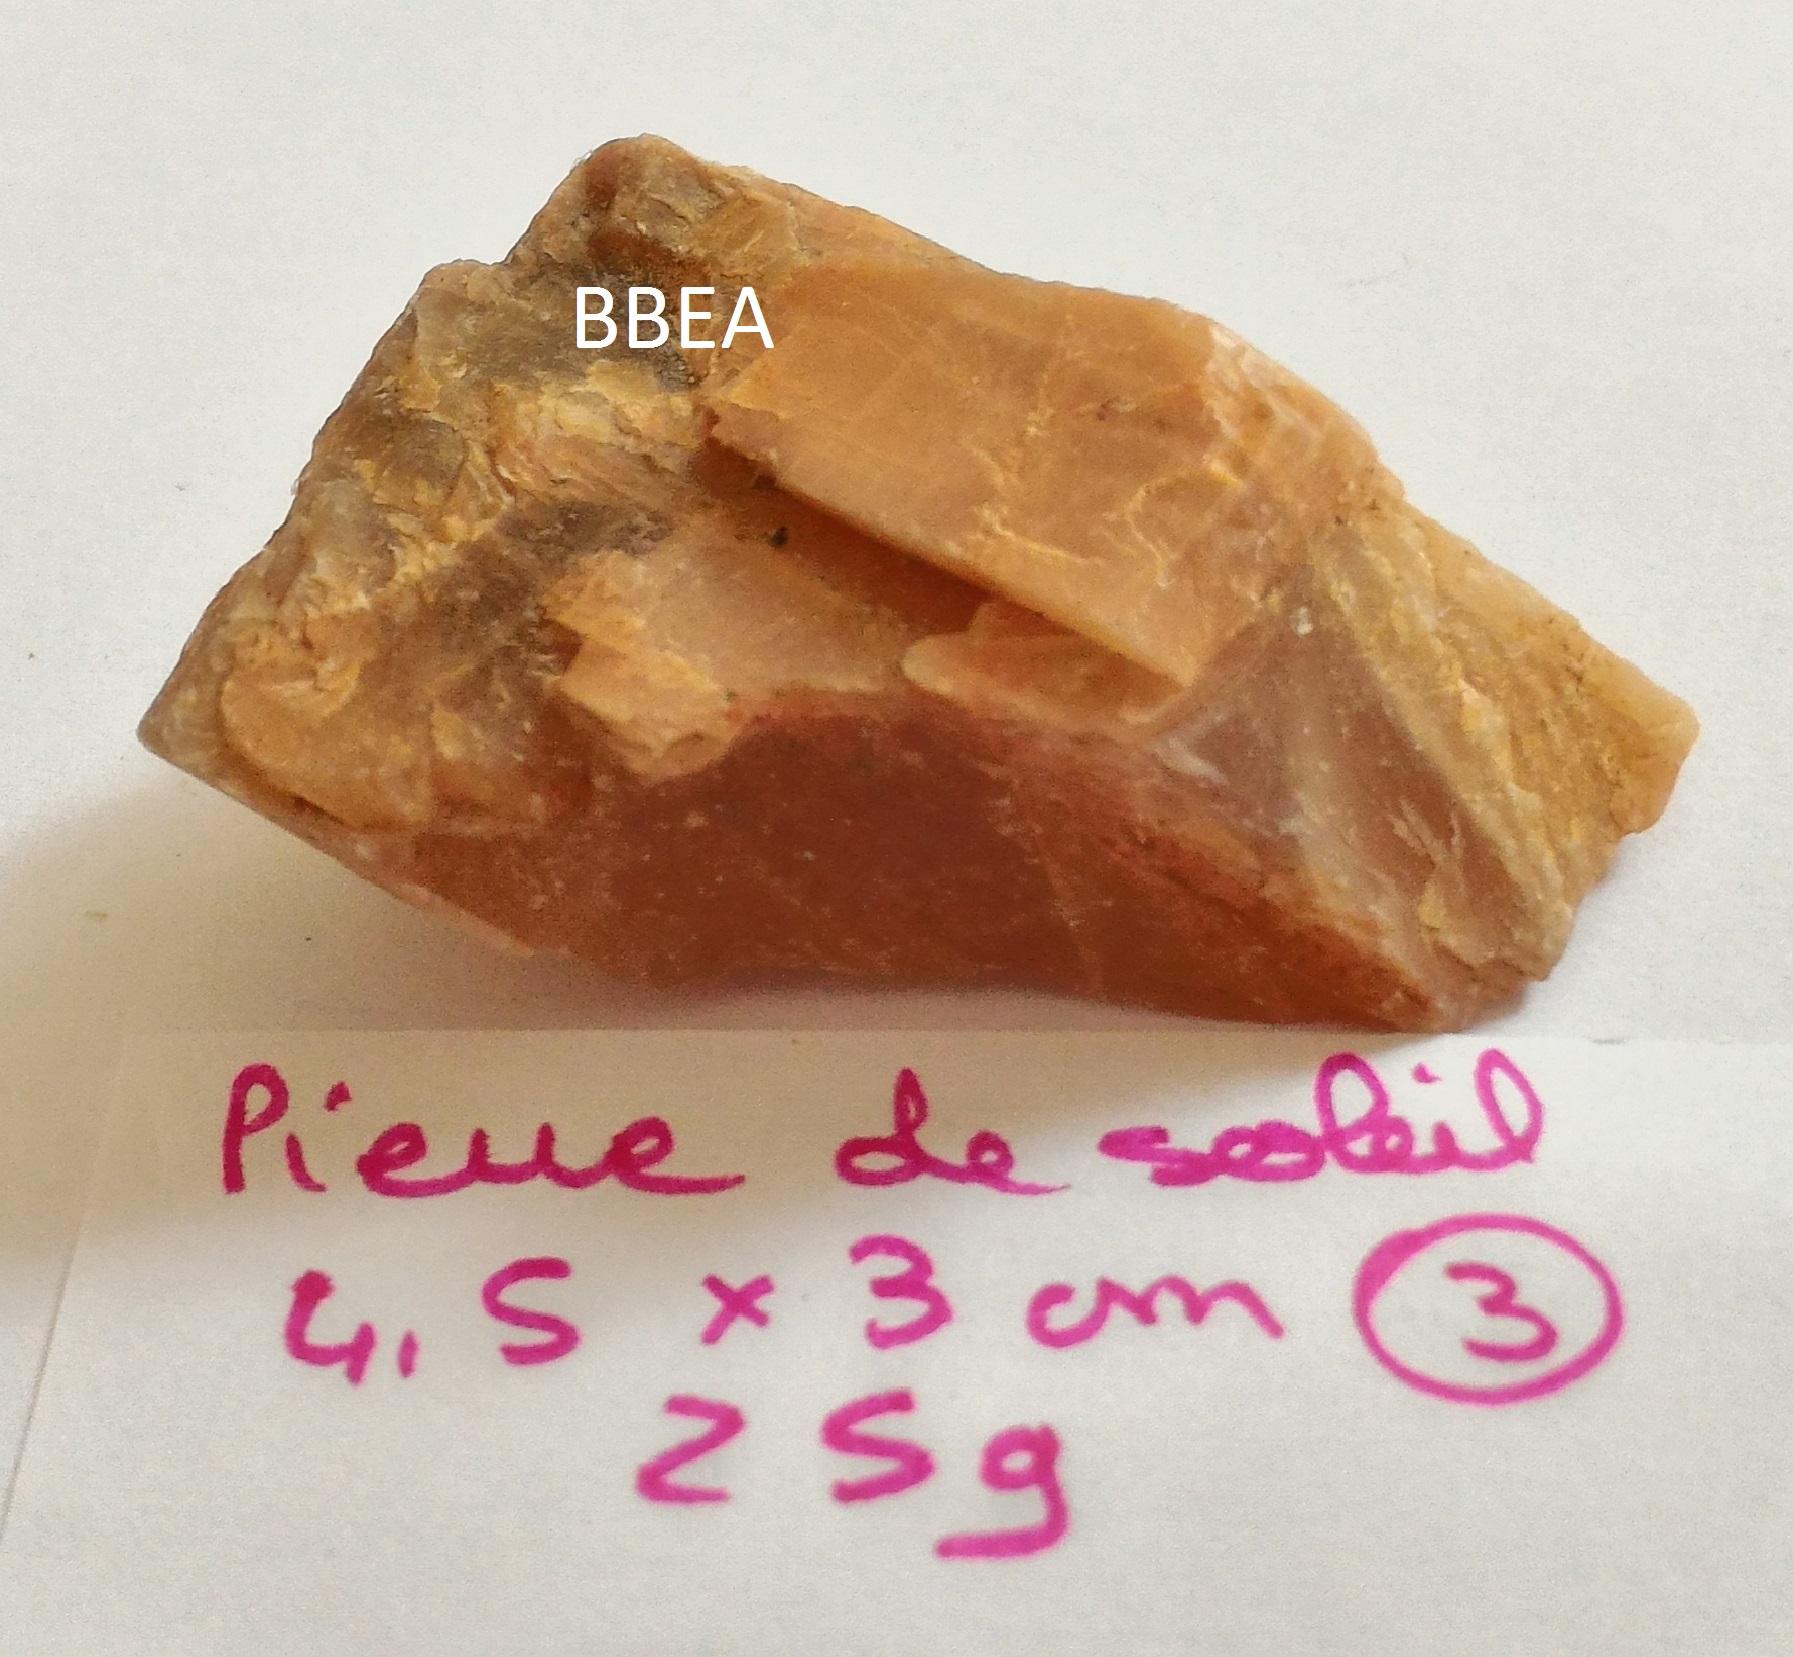 Pierre de soleil 25g 4 5x3cm 2